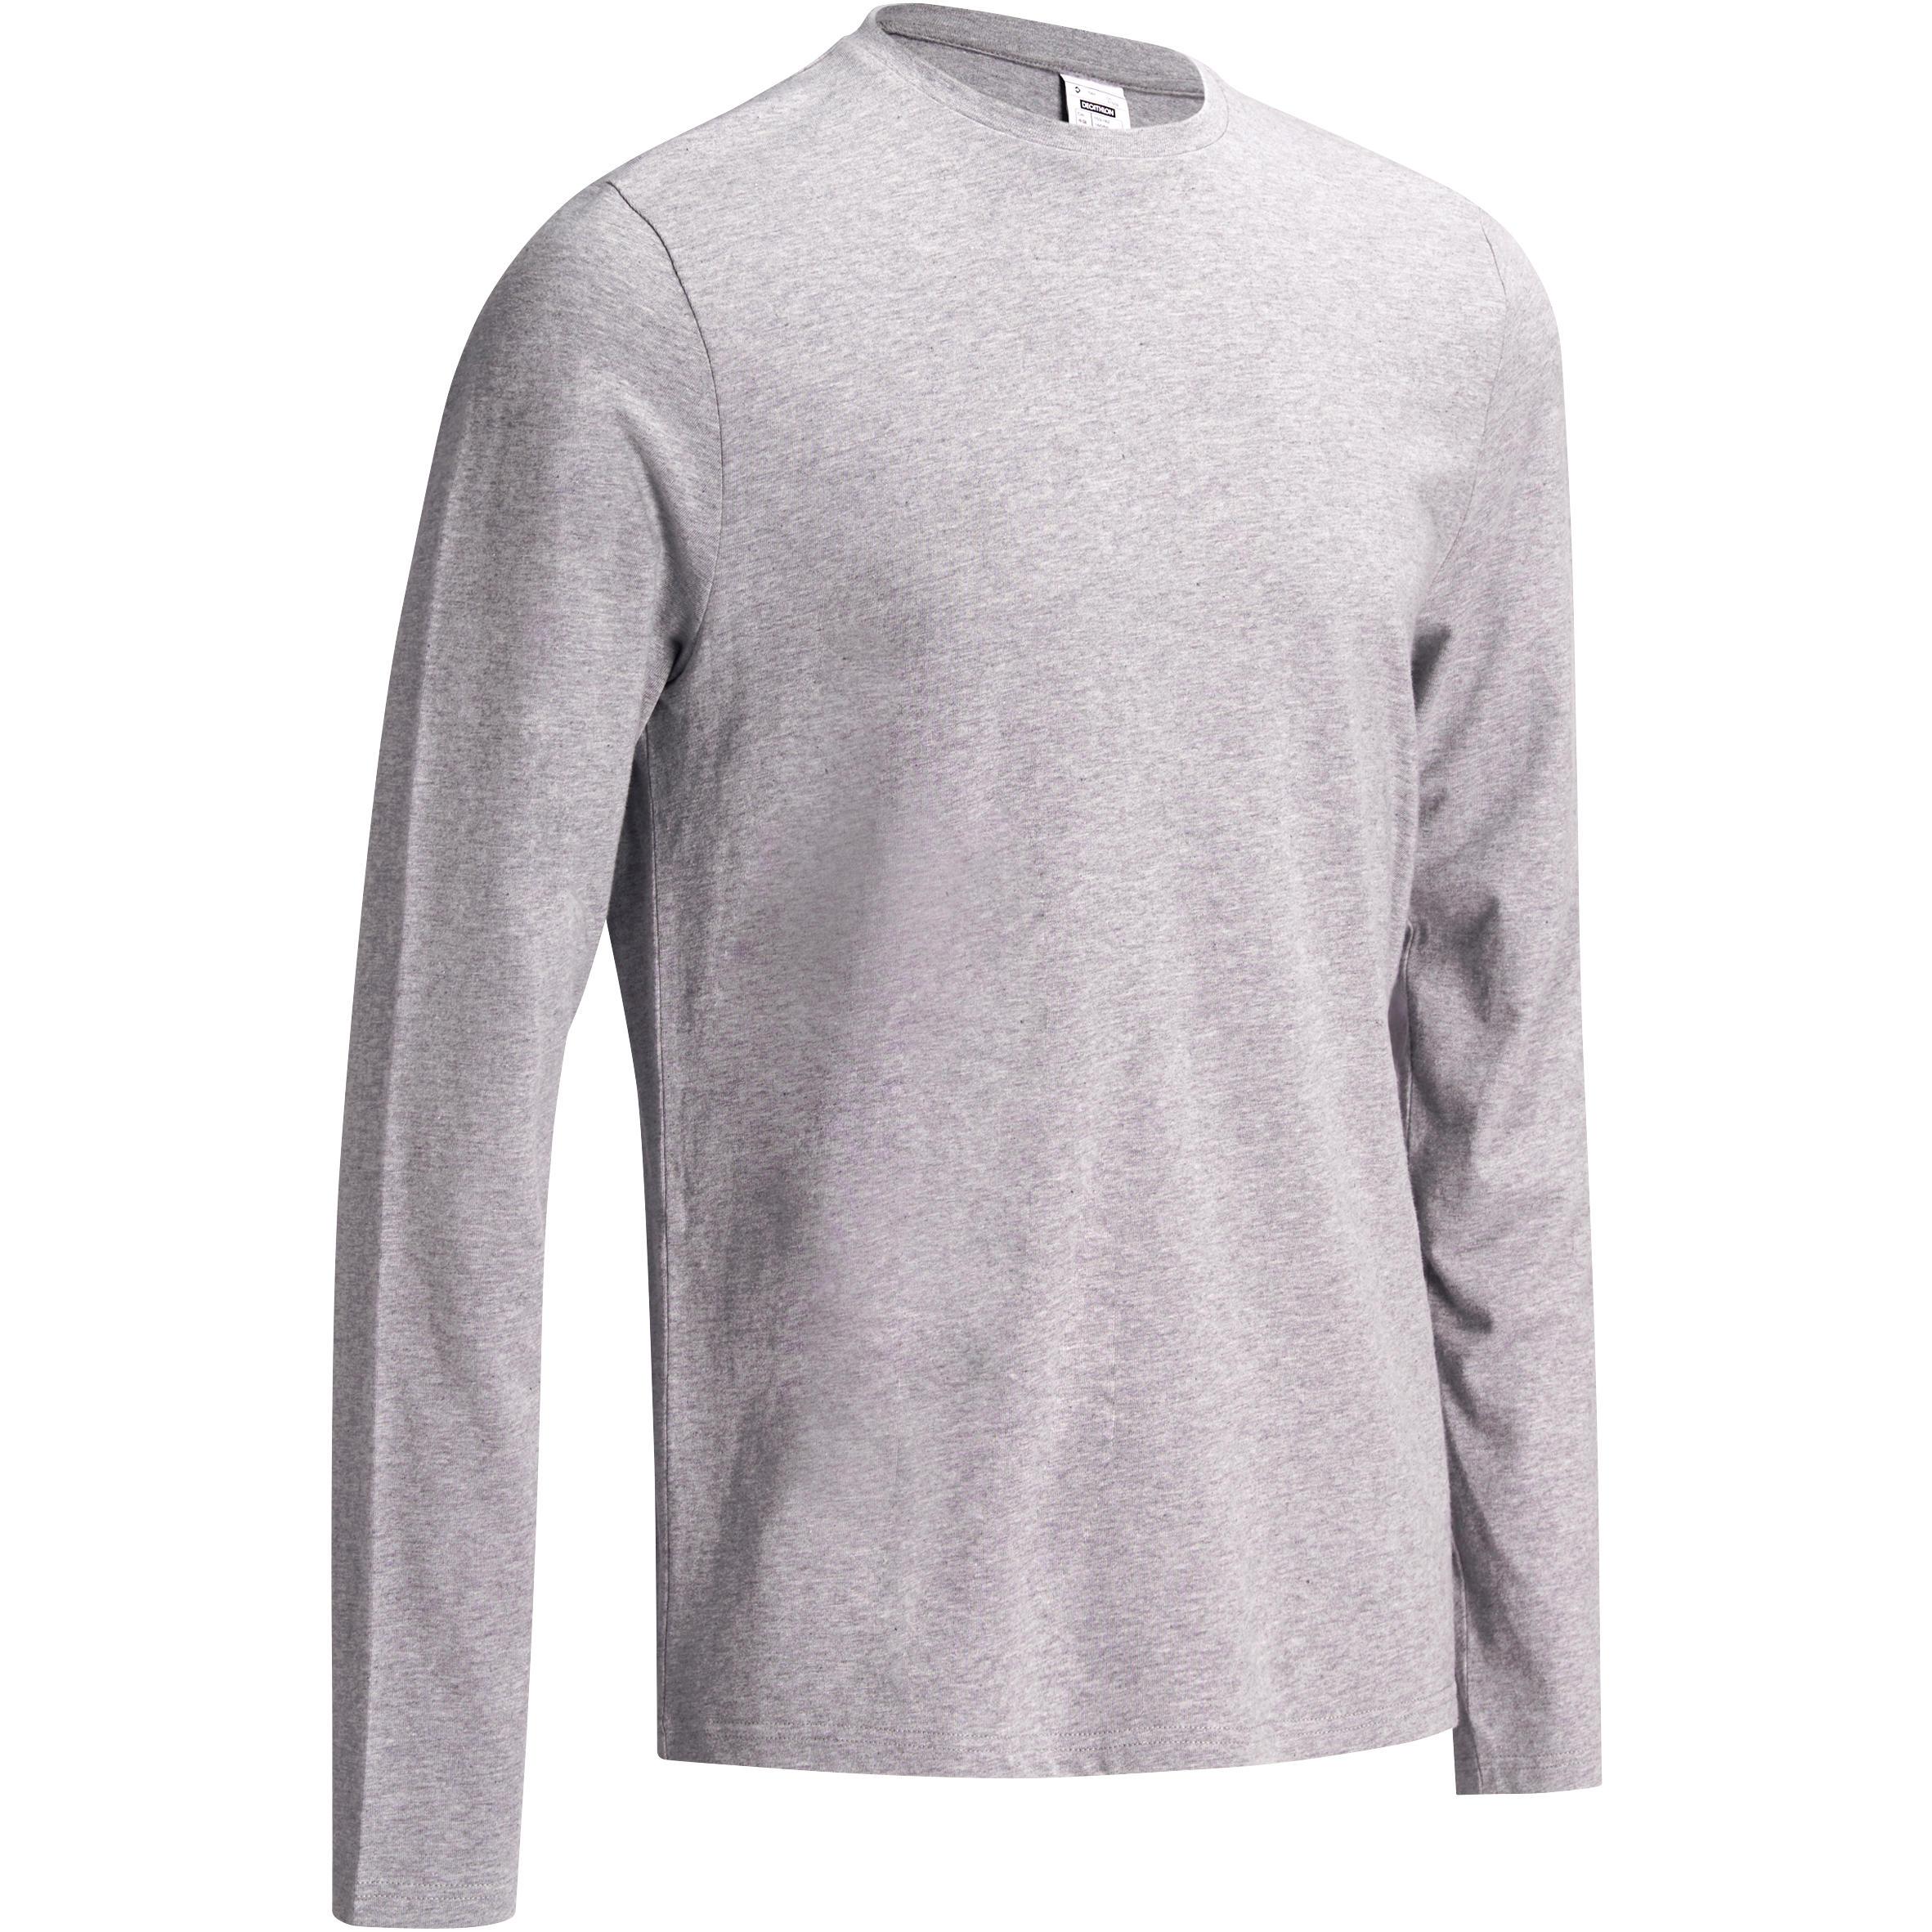 Domyos Heren T-shirt 100 lange mouwen Gym & Pilates